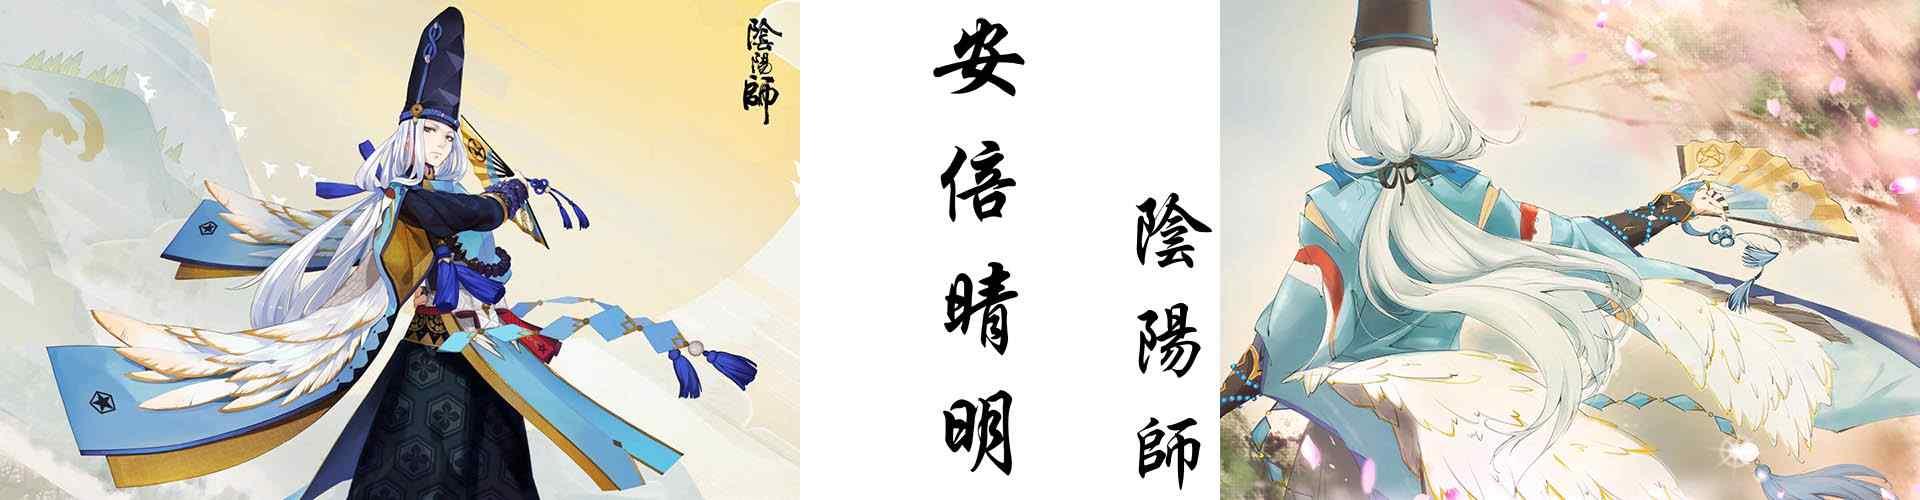 阴阳师晴明_晴明阴阳师图片_晴明cosplay壁纸_阴阳师游戏壁纸